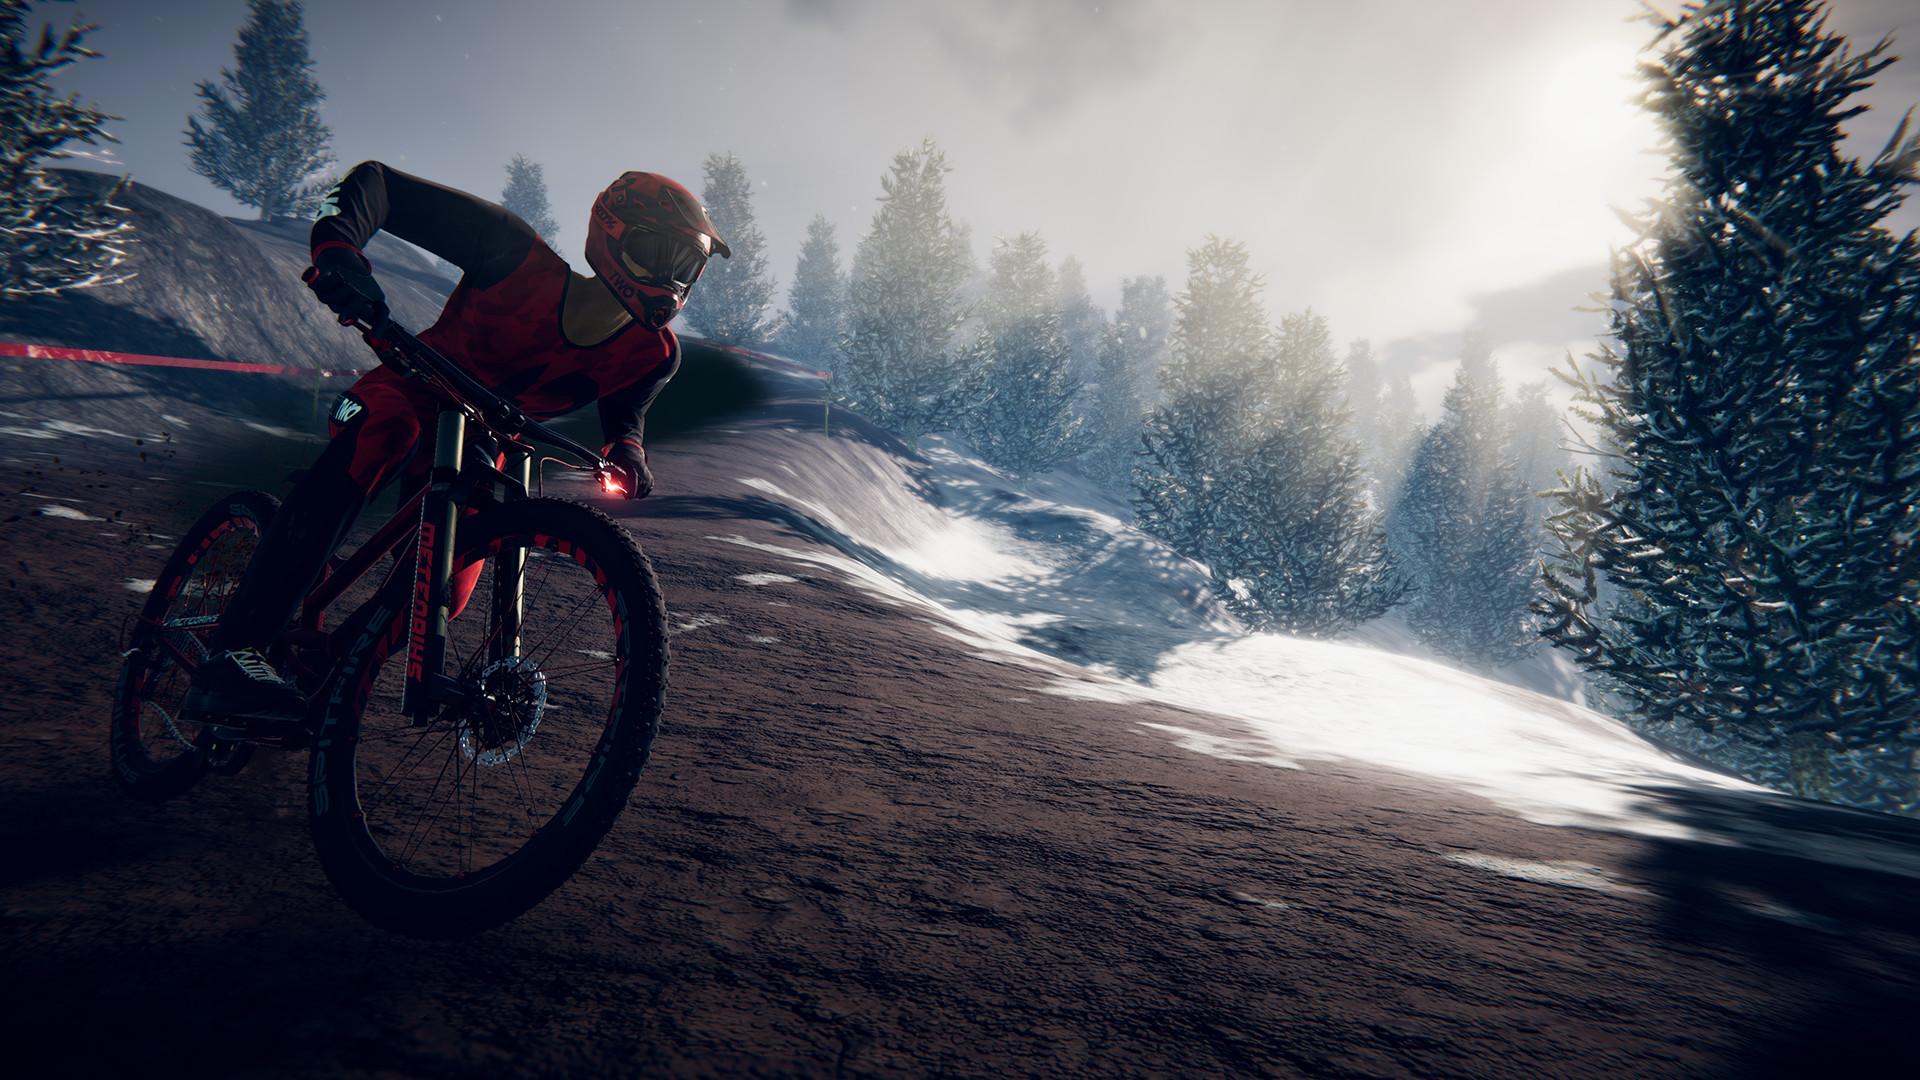 descenders6 singletracks mountain bike